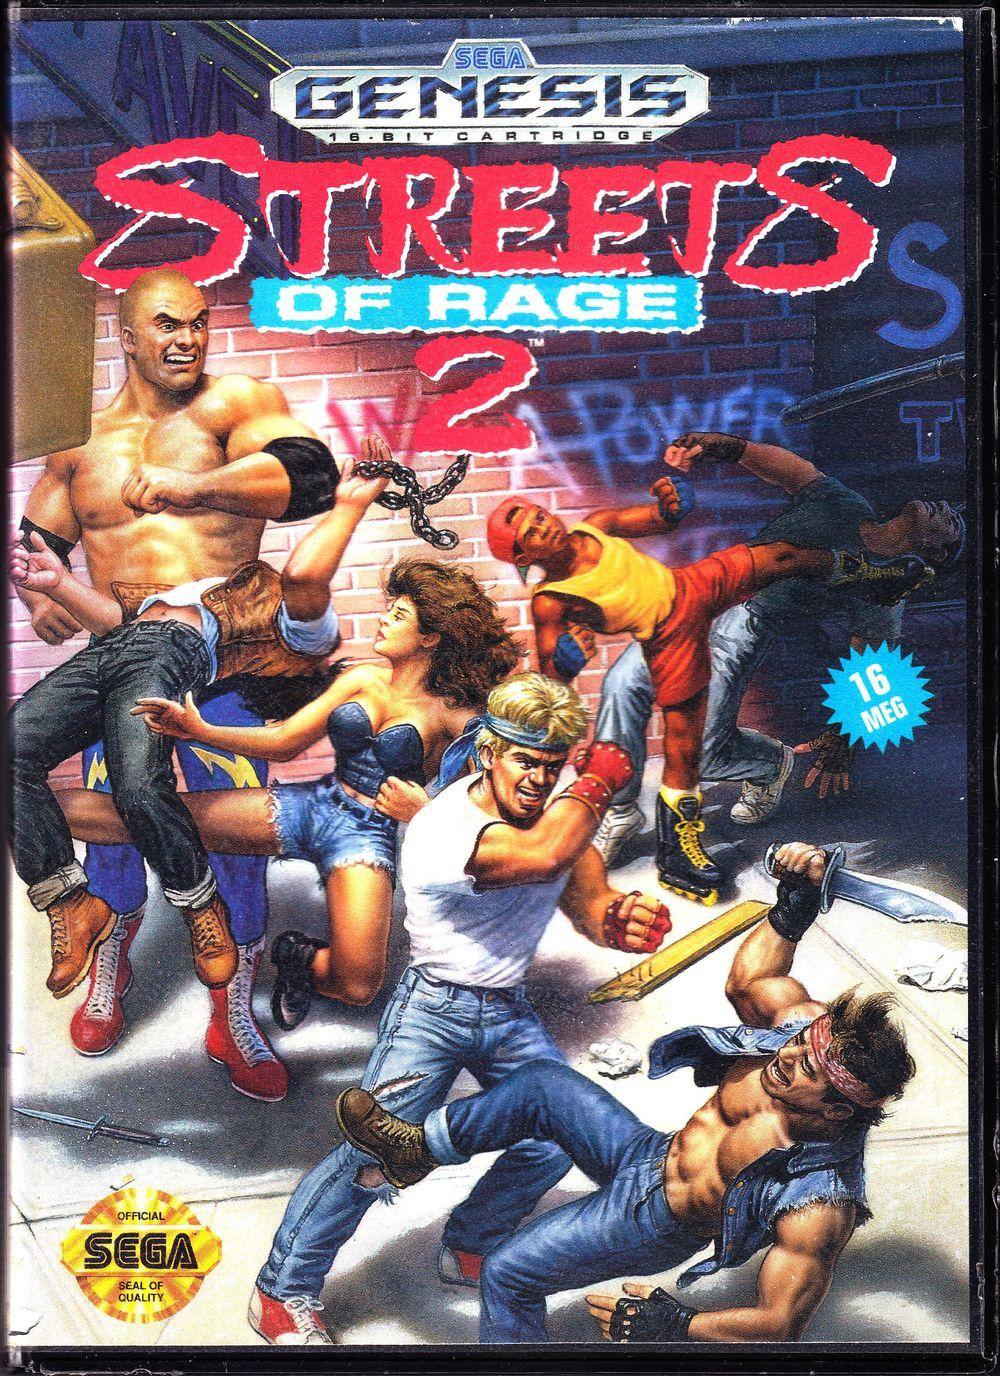 Sega Genesis Streets of Rage II Front Cover.jpg